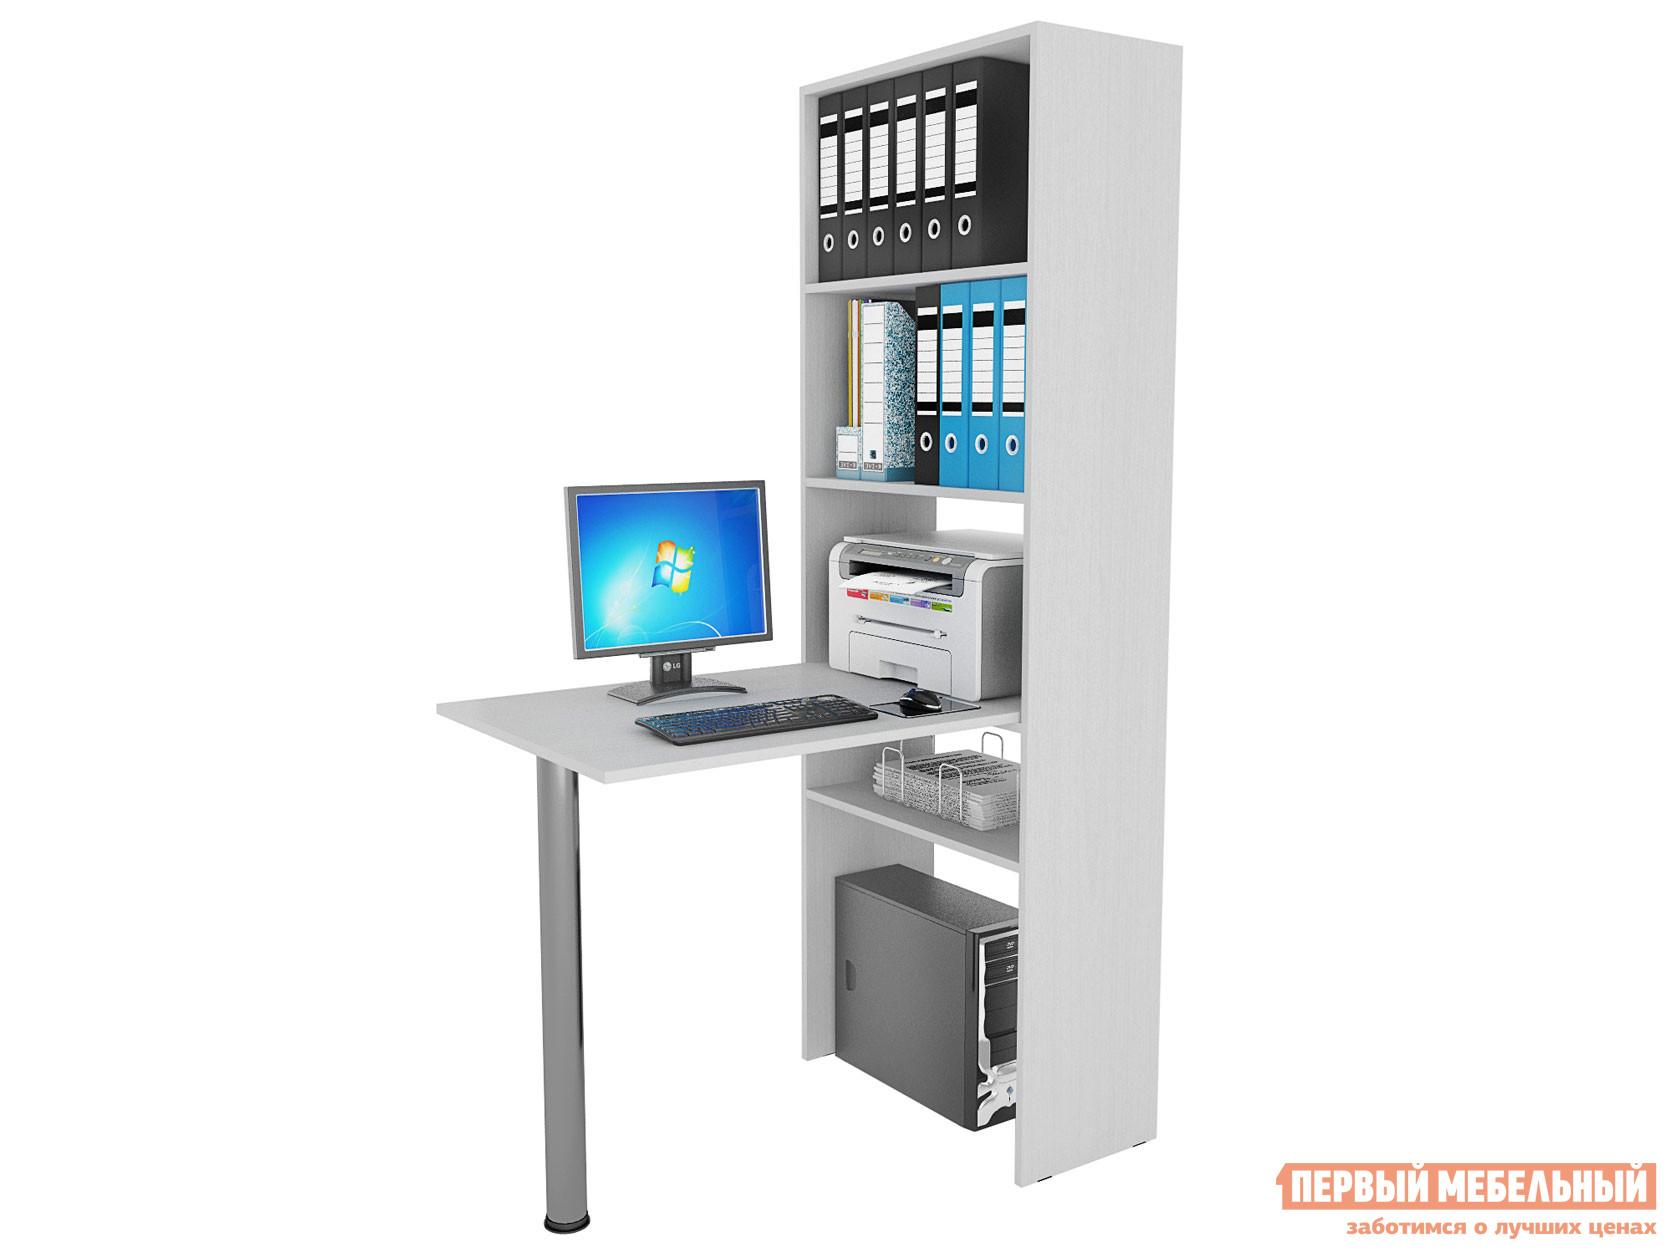 Угловой компьютерный стол МФ Мастер Рикс-4 + Рикс-6 компьютерный стол мф мастер корнет 2 угловой